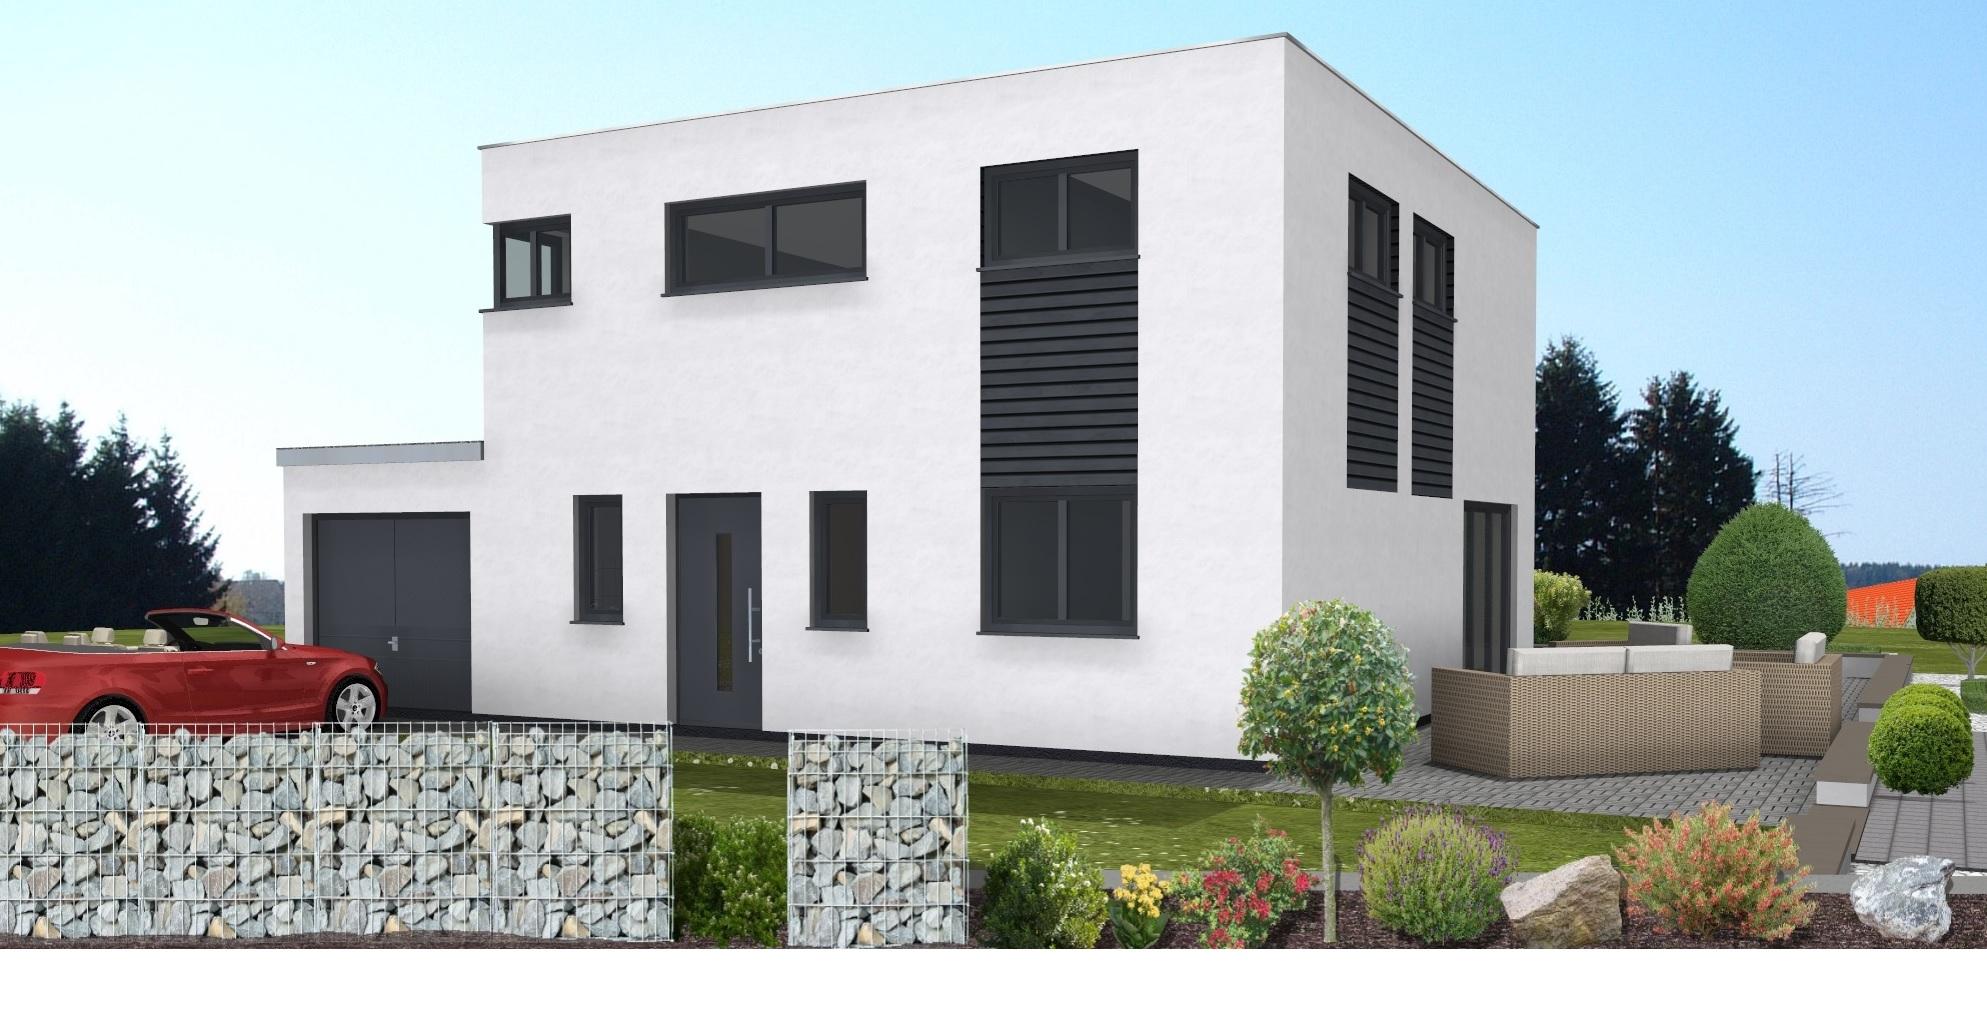 Haus Wendlingen Ansicht 1-1 Flachdach Eingang von der Strasse